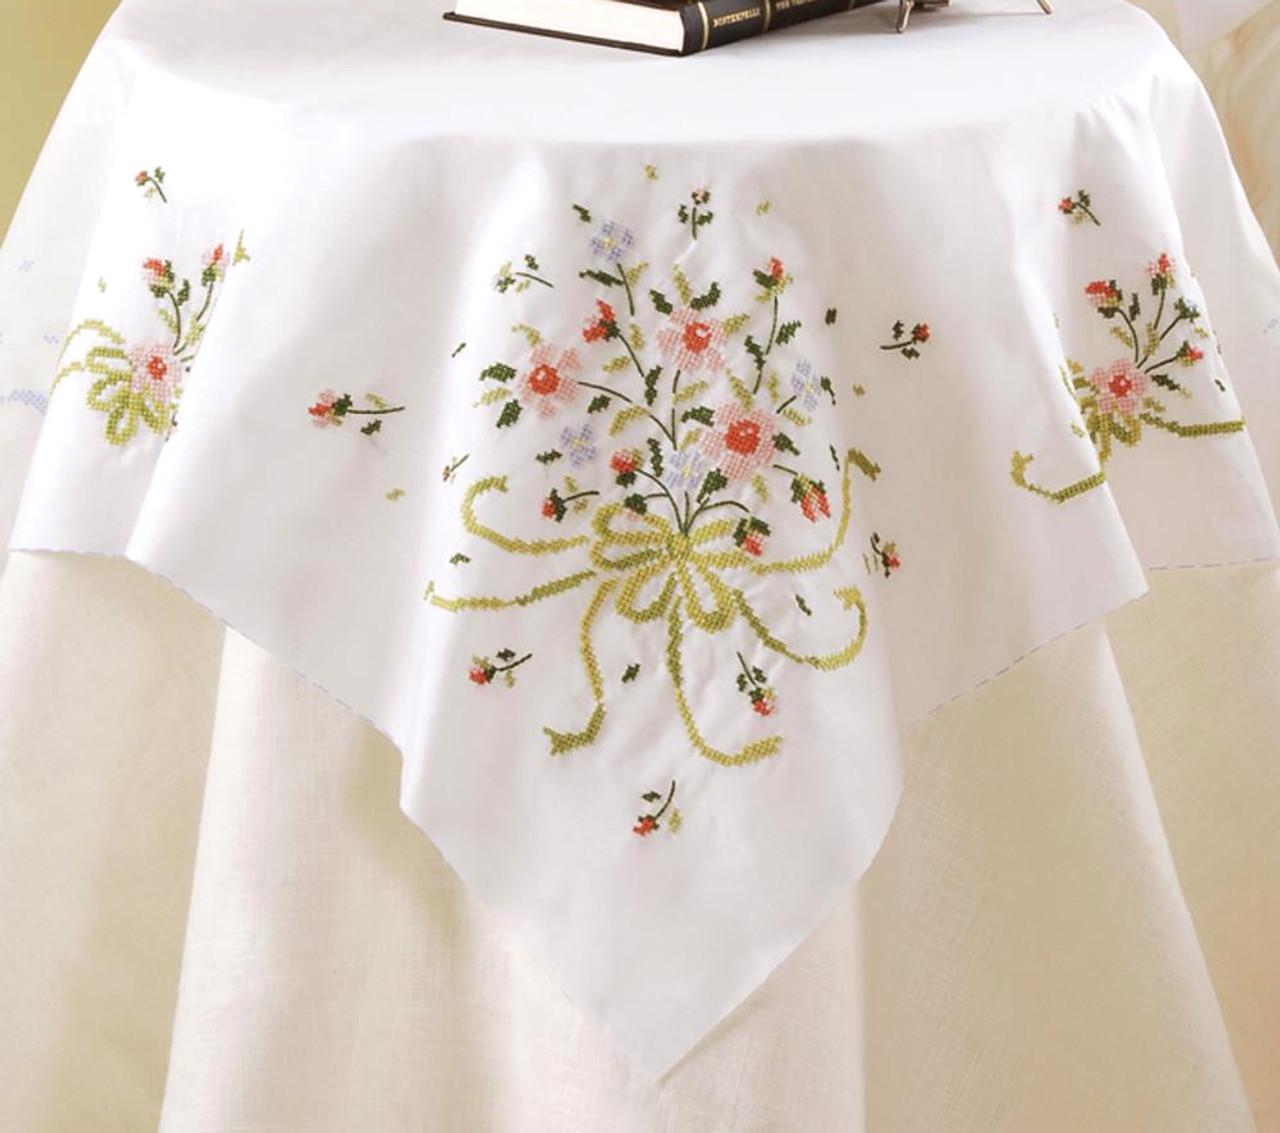 Plaid / Bucilla - Bridal Bouquet Table Topper